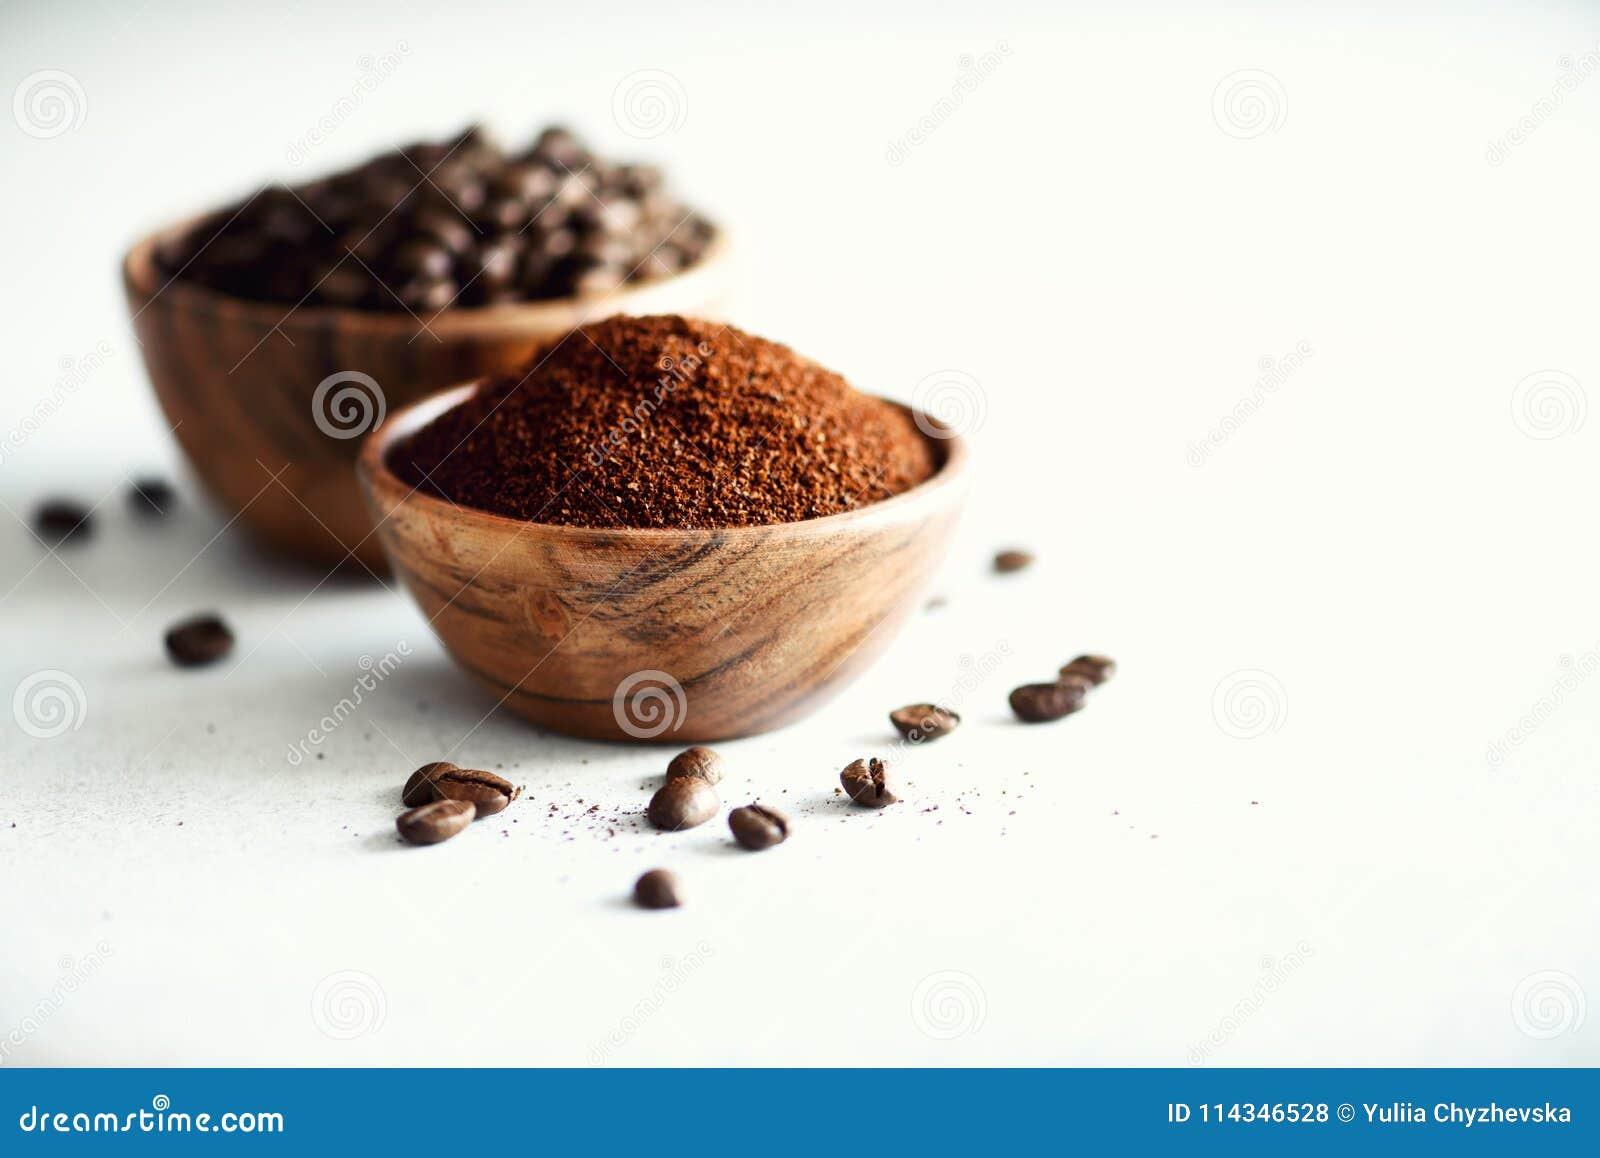 Συστατικά για την κατασκευή της καφεΐνης να πιει - φασόλια καφέ, έδαφος και στιγμιαίος καφές στο ελαφρύ συγκεκριμένο υπόβαθρο, δι